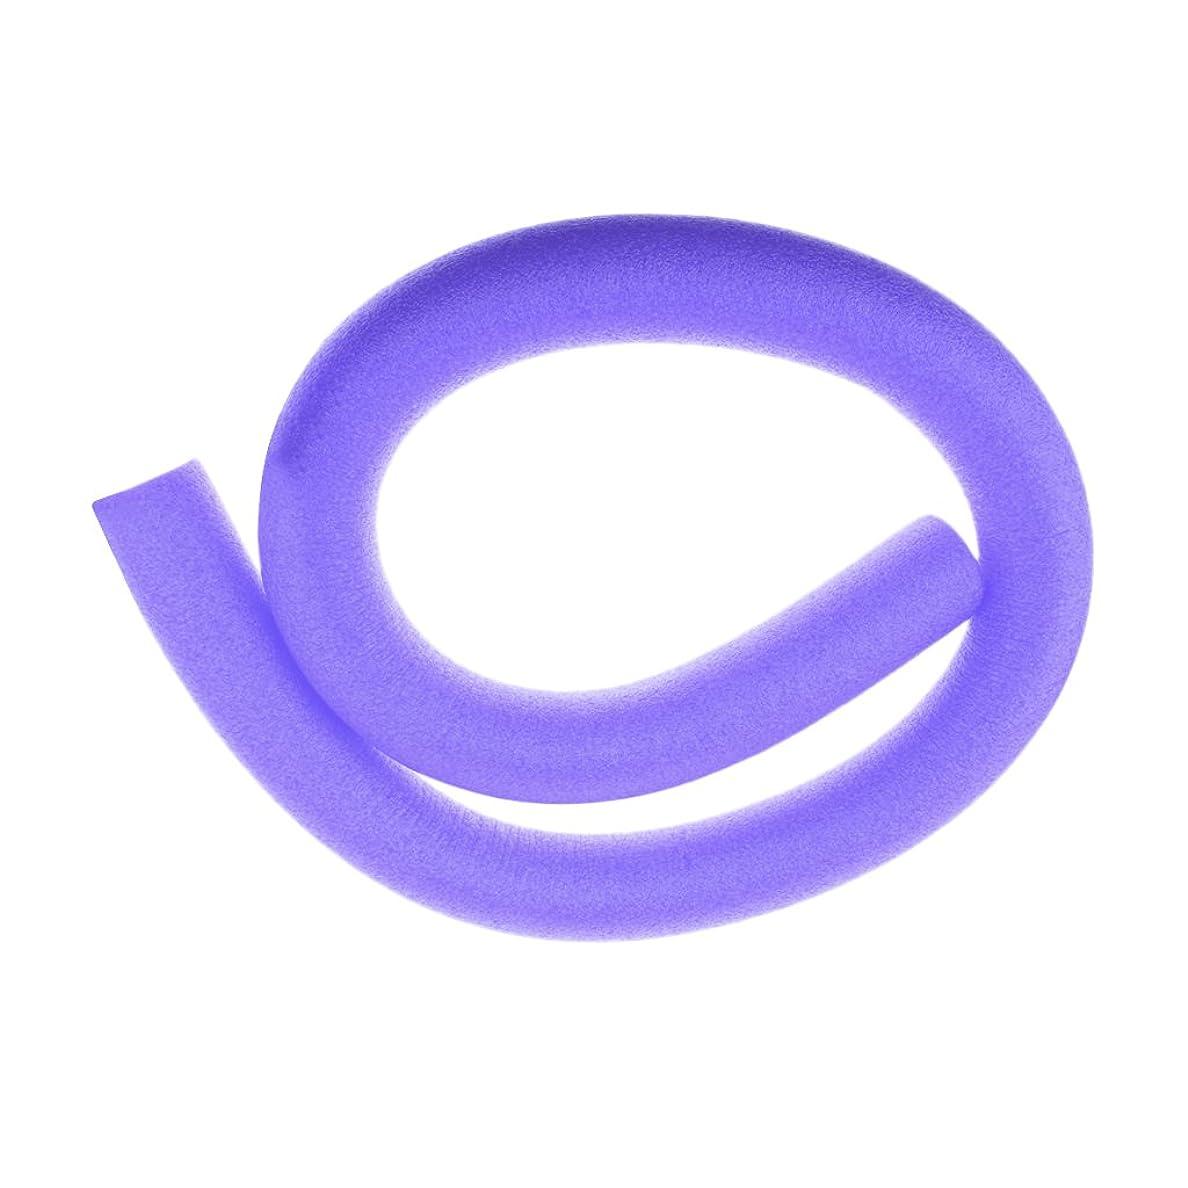 さておきドラム本土Baosity スティック 柔軟 カラフル フォーム プール ヌードル スイミング ウォーター フロート エイド ウォグルヌードル  全6色 - 紫